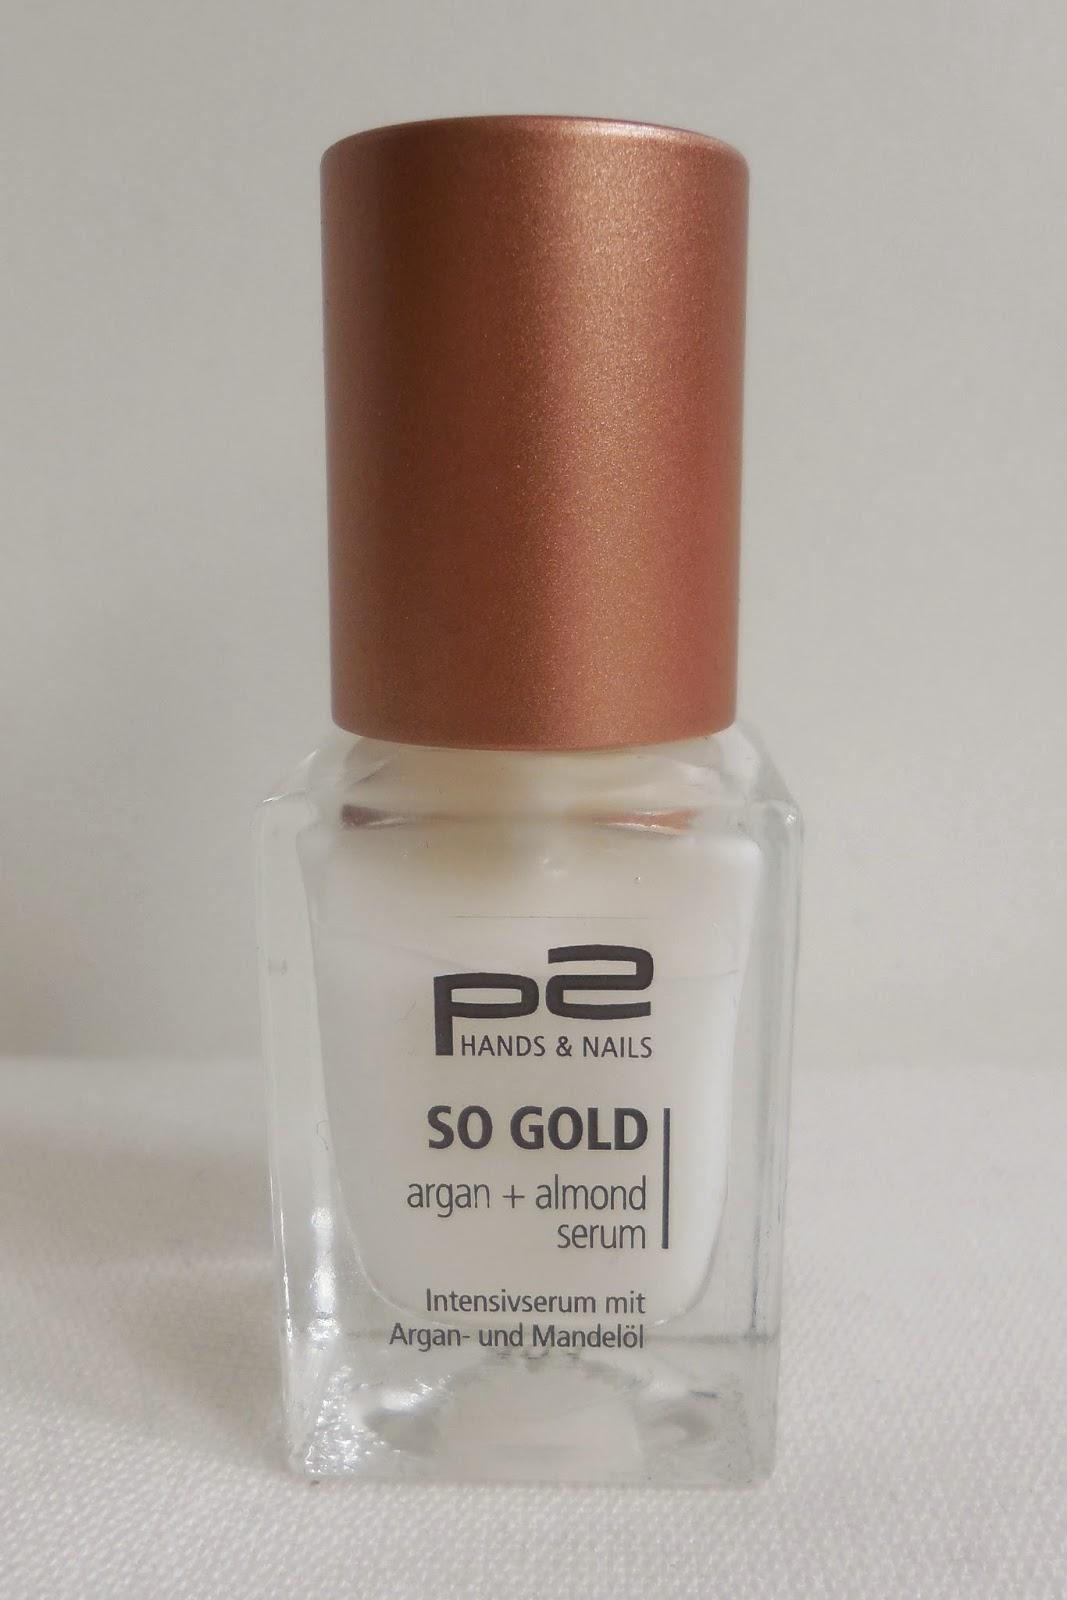 Neue Nagelpflegeprodukte von p2! - alionsworld